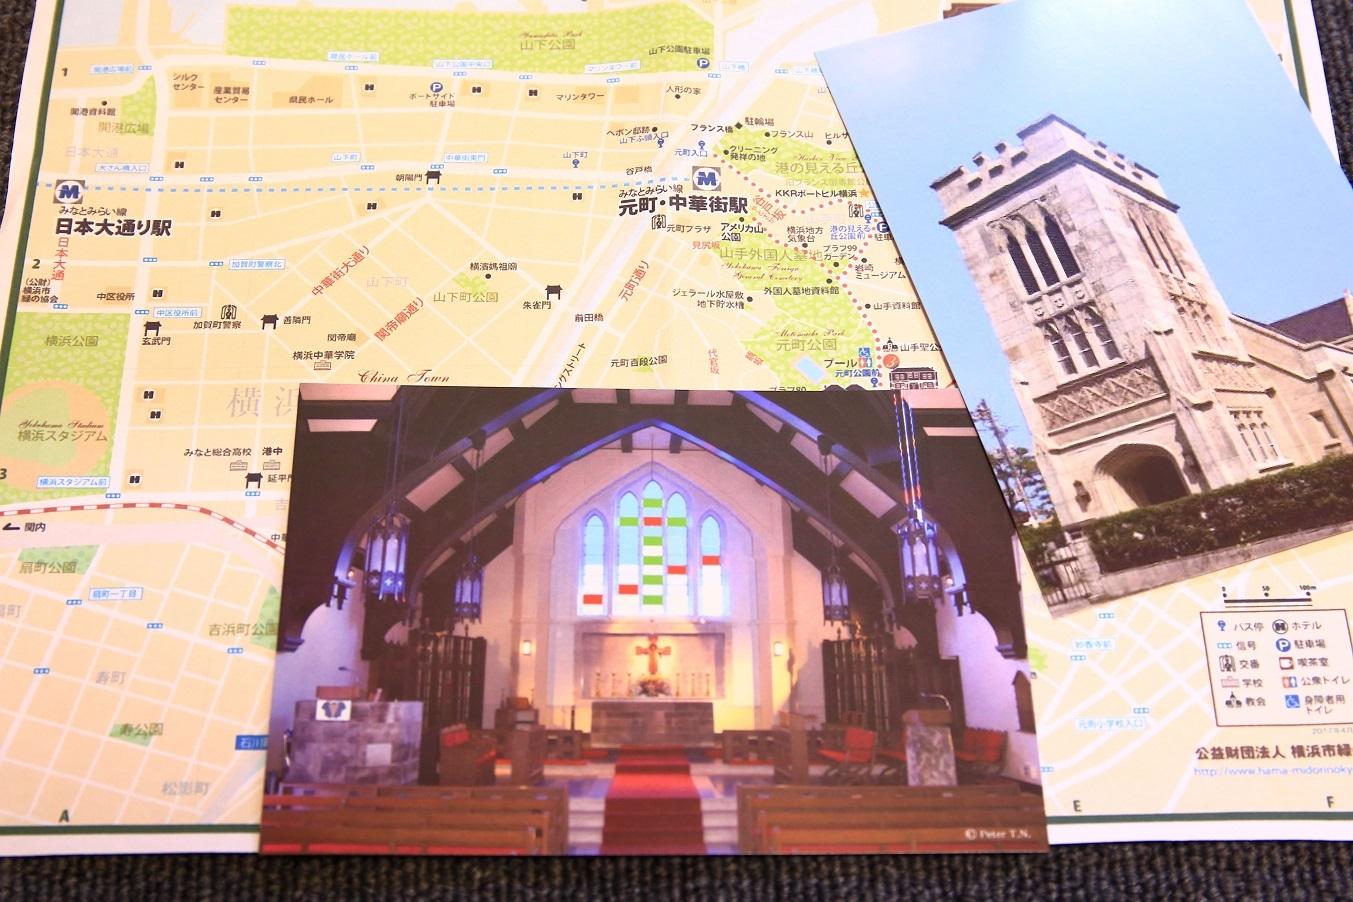 ブログ 頂いたポストカードと地図.jpg